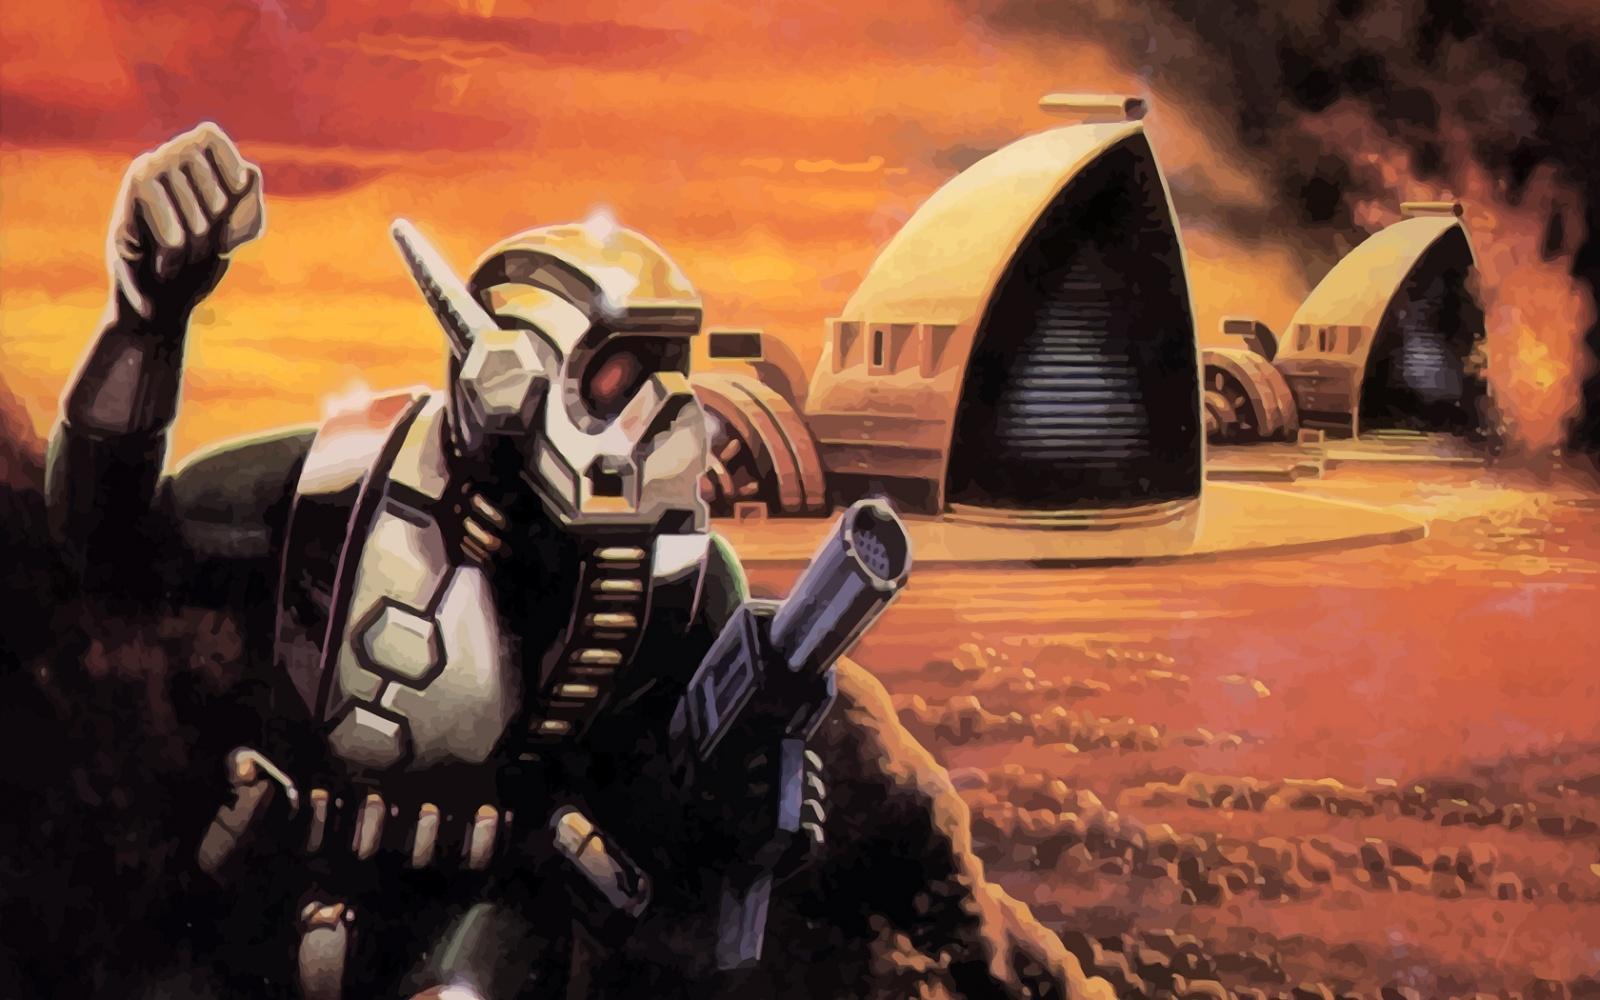 Сценарист Dune II и Legend of Kyrandia о нарративном дизайне, судьбе Westwood Studios и сотрудничестве с Plarium - 2